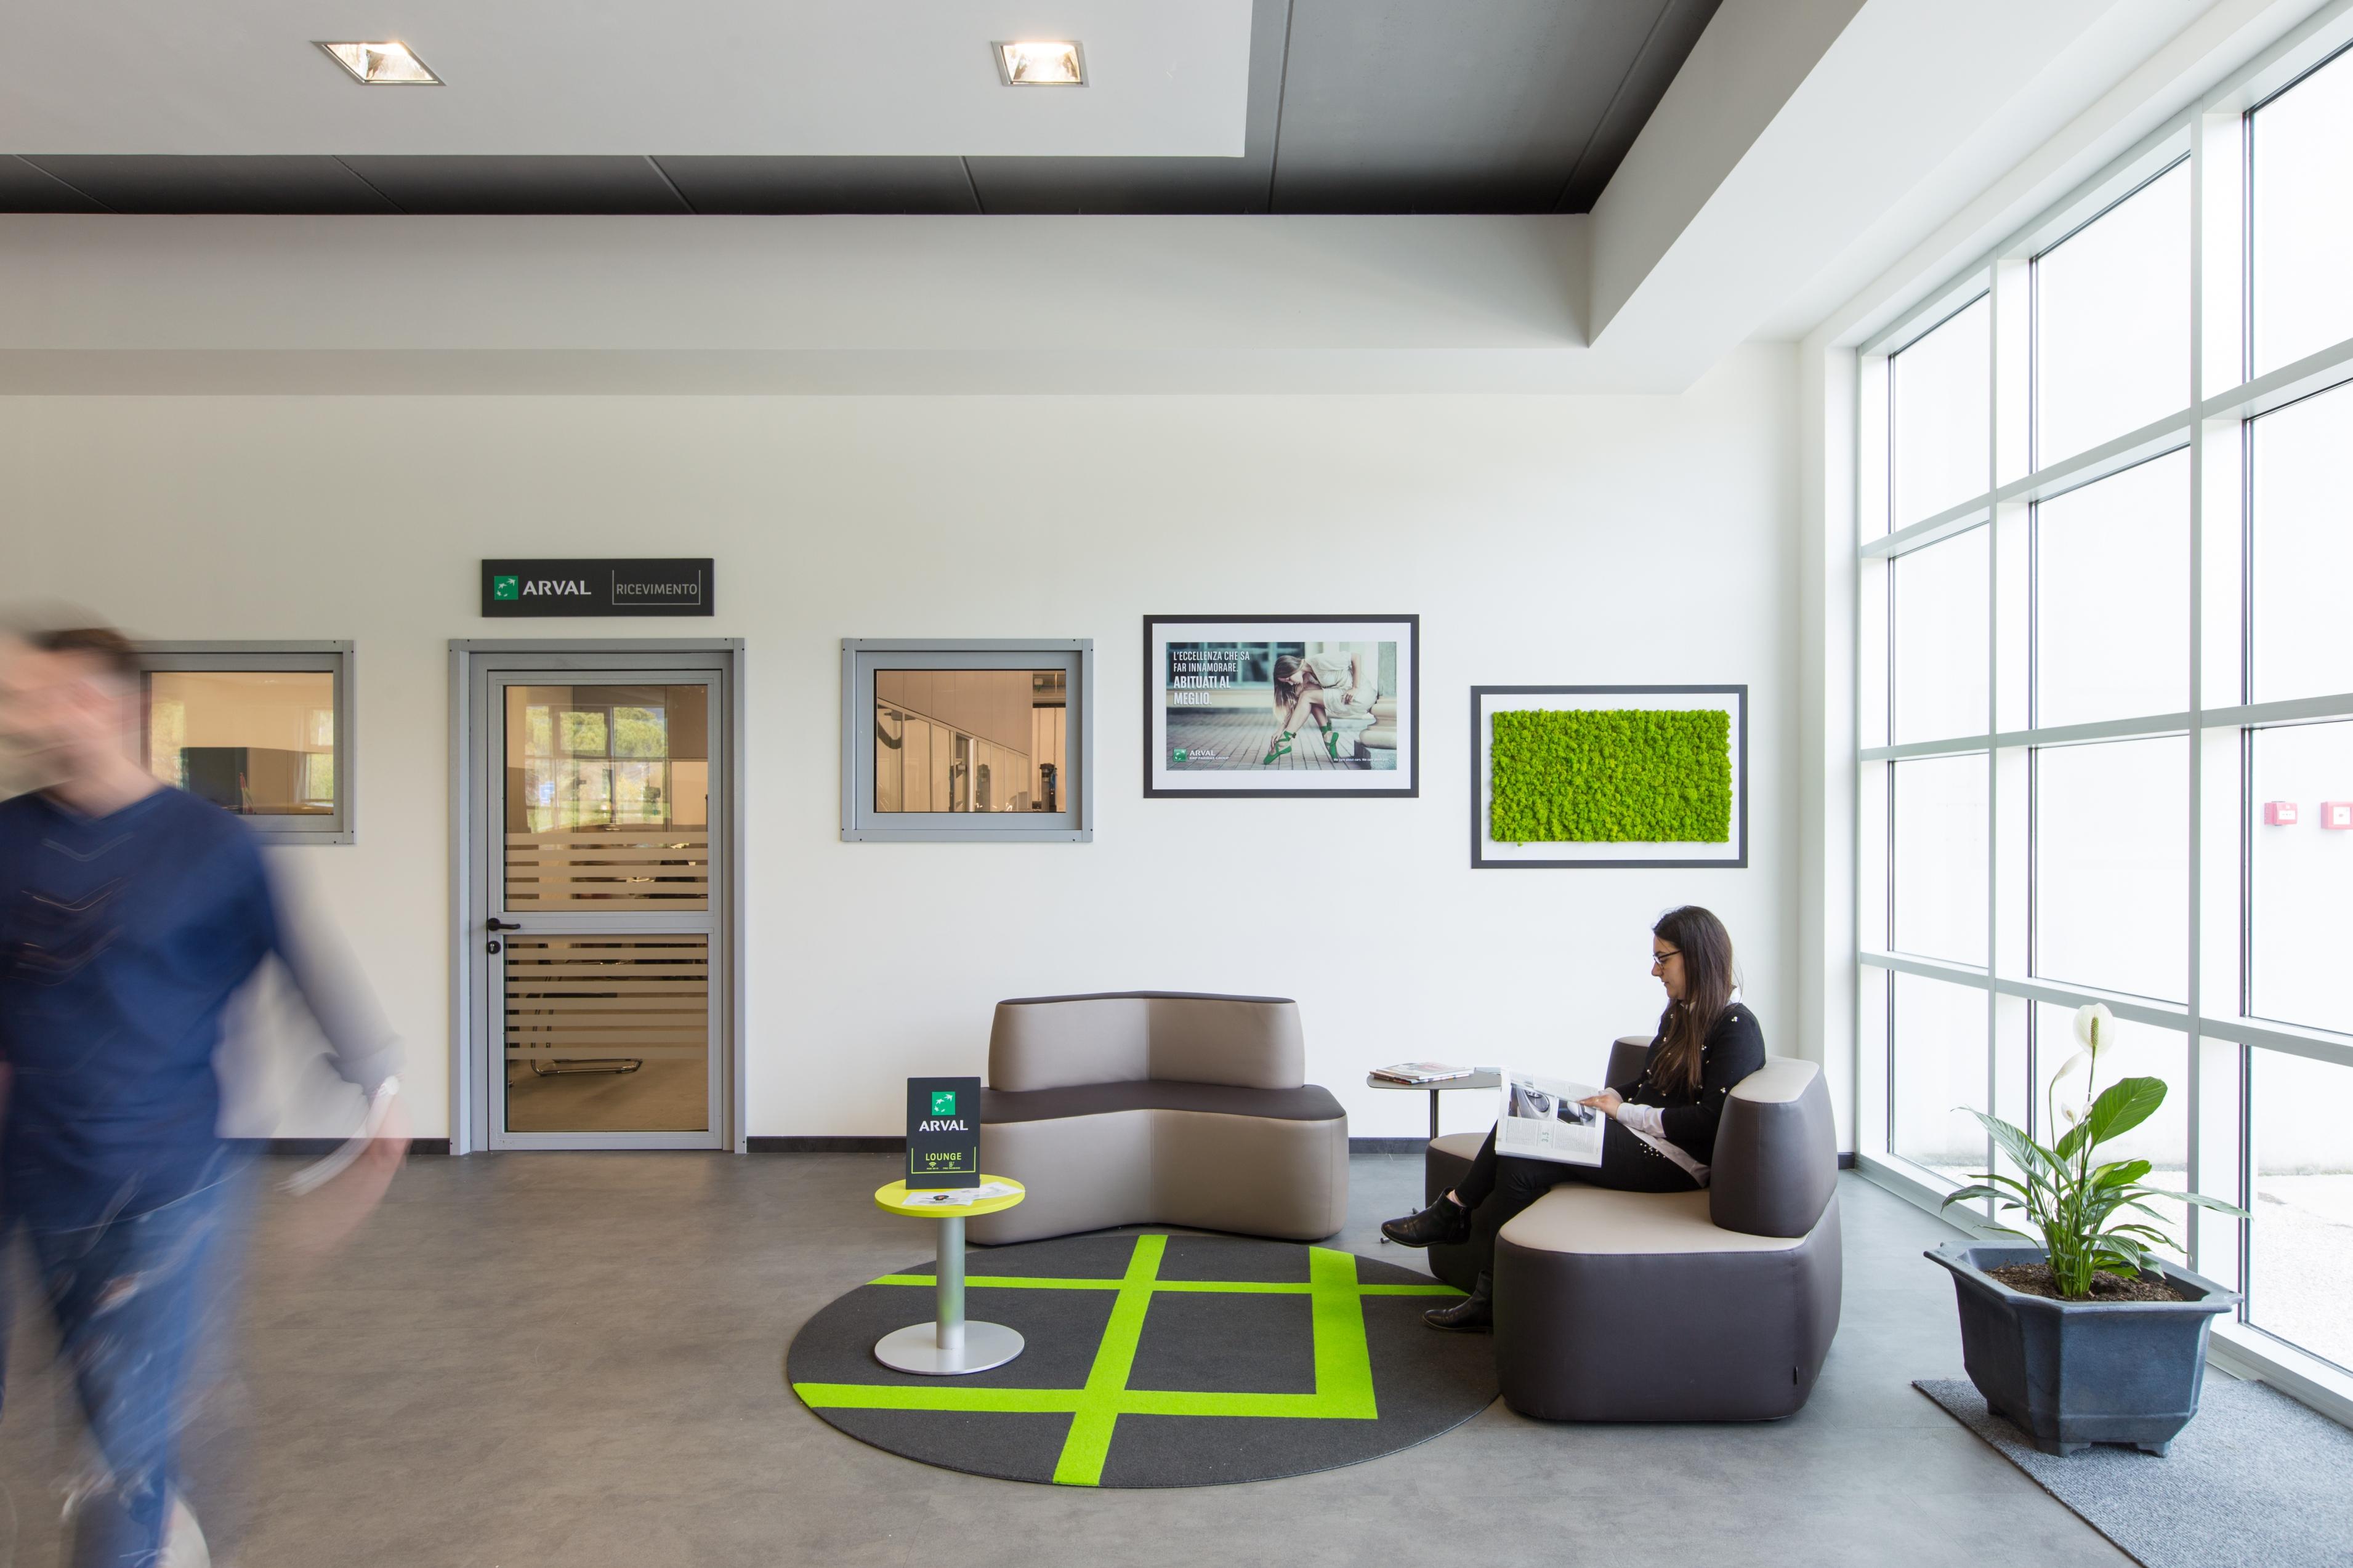 Netrwork preferenziale Arval: 750 centri per la mobilità che offrono un servizio premium